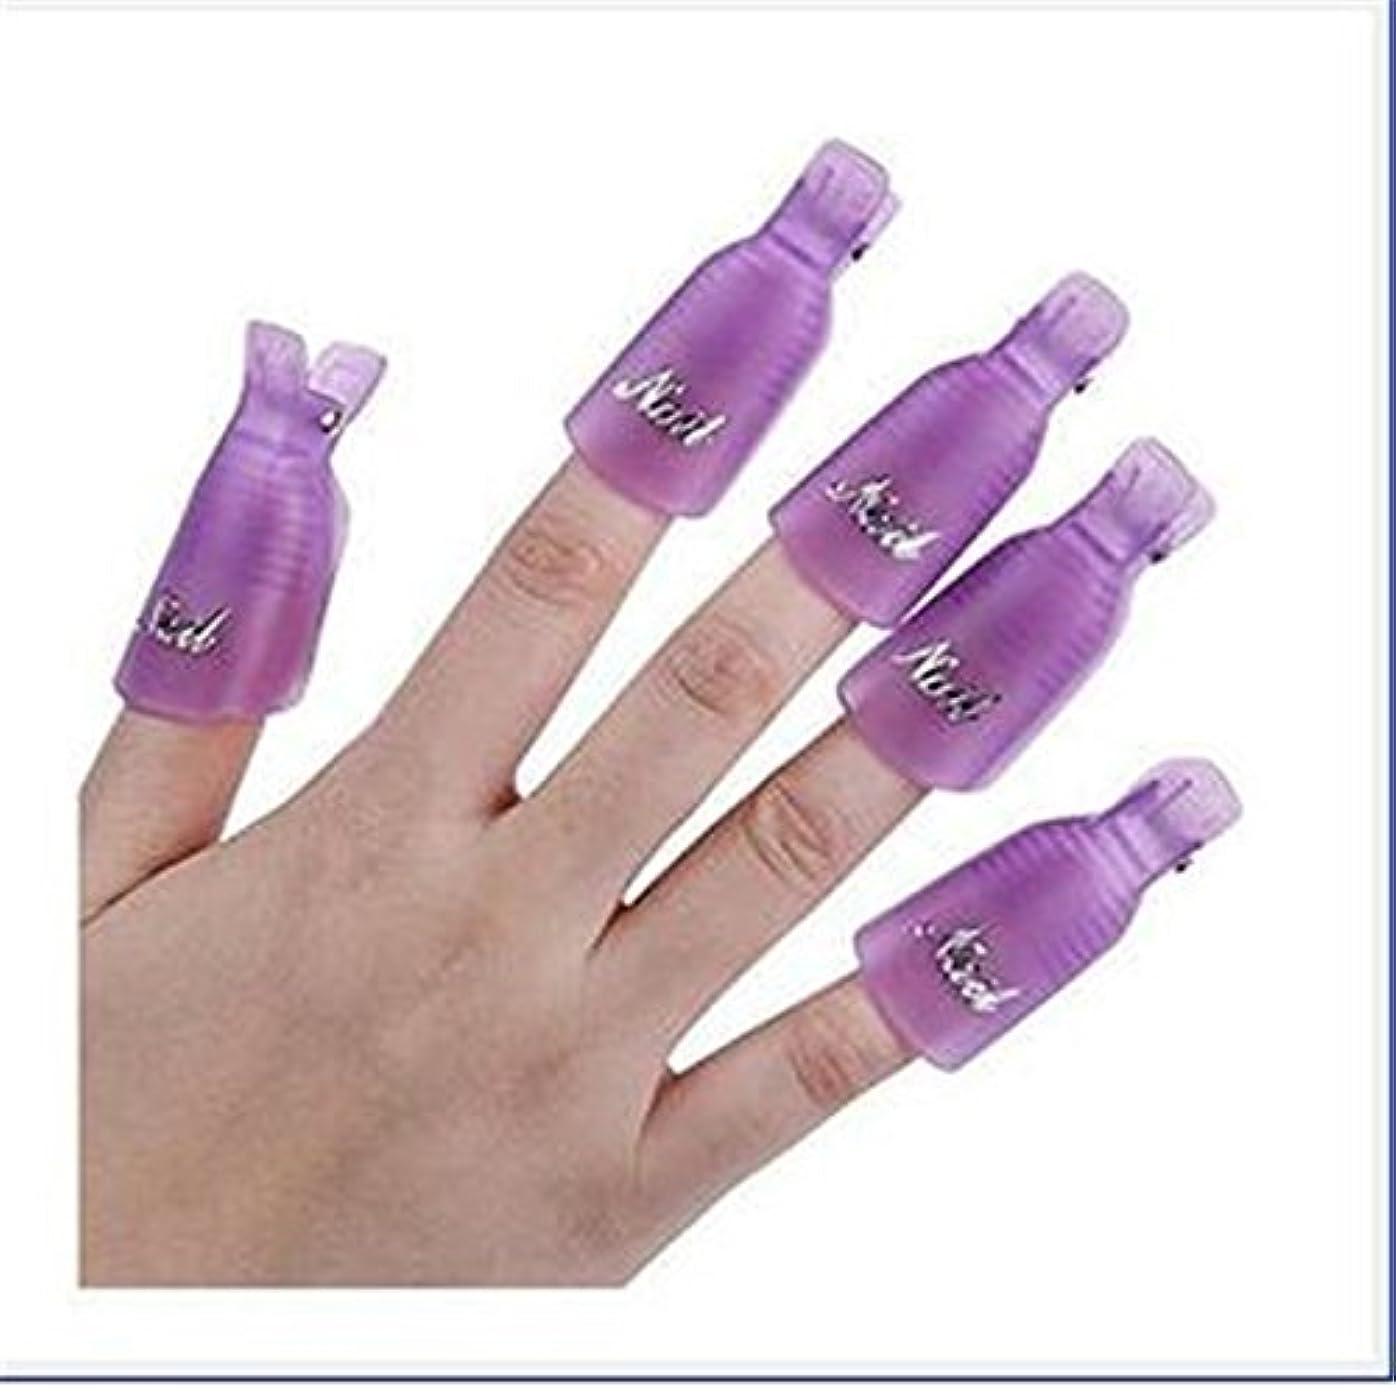 隔離三十トリップアクリル樹脂爪10が冷却され、取り外し可能なクリップキャップUVポリッシュリムーバージェルは、紫色のパッケージを包ん